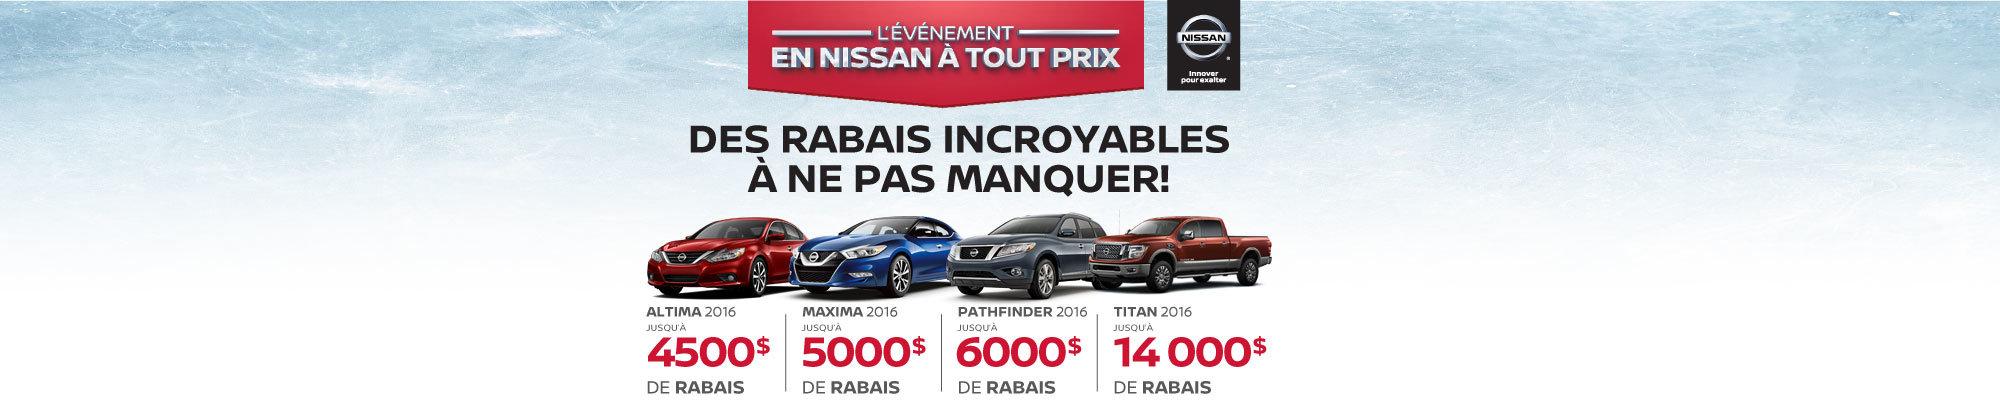 Rabais incroyables sur nos derniers Nissan 2016